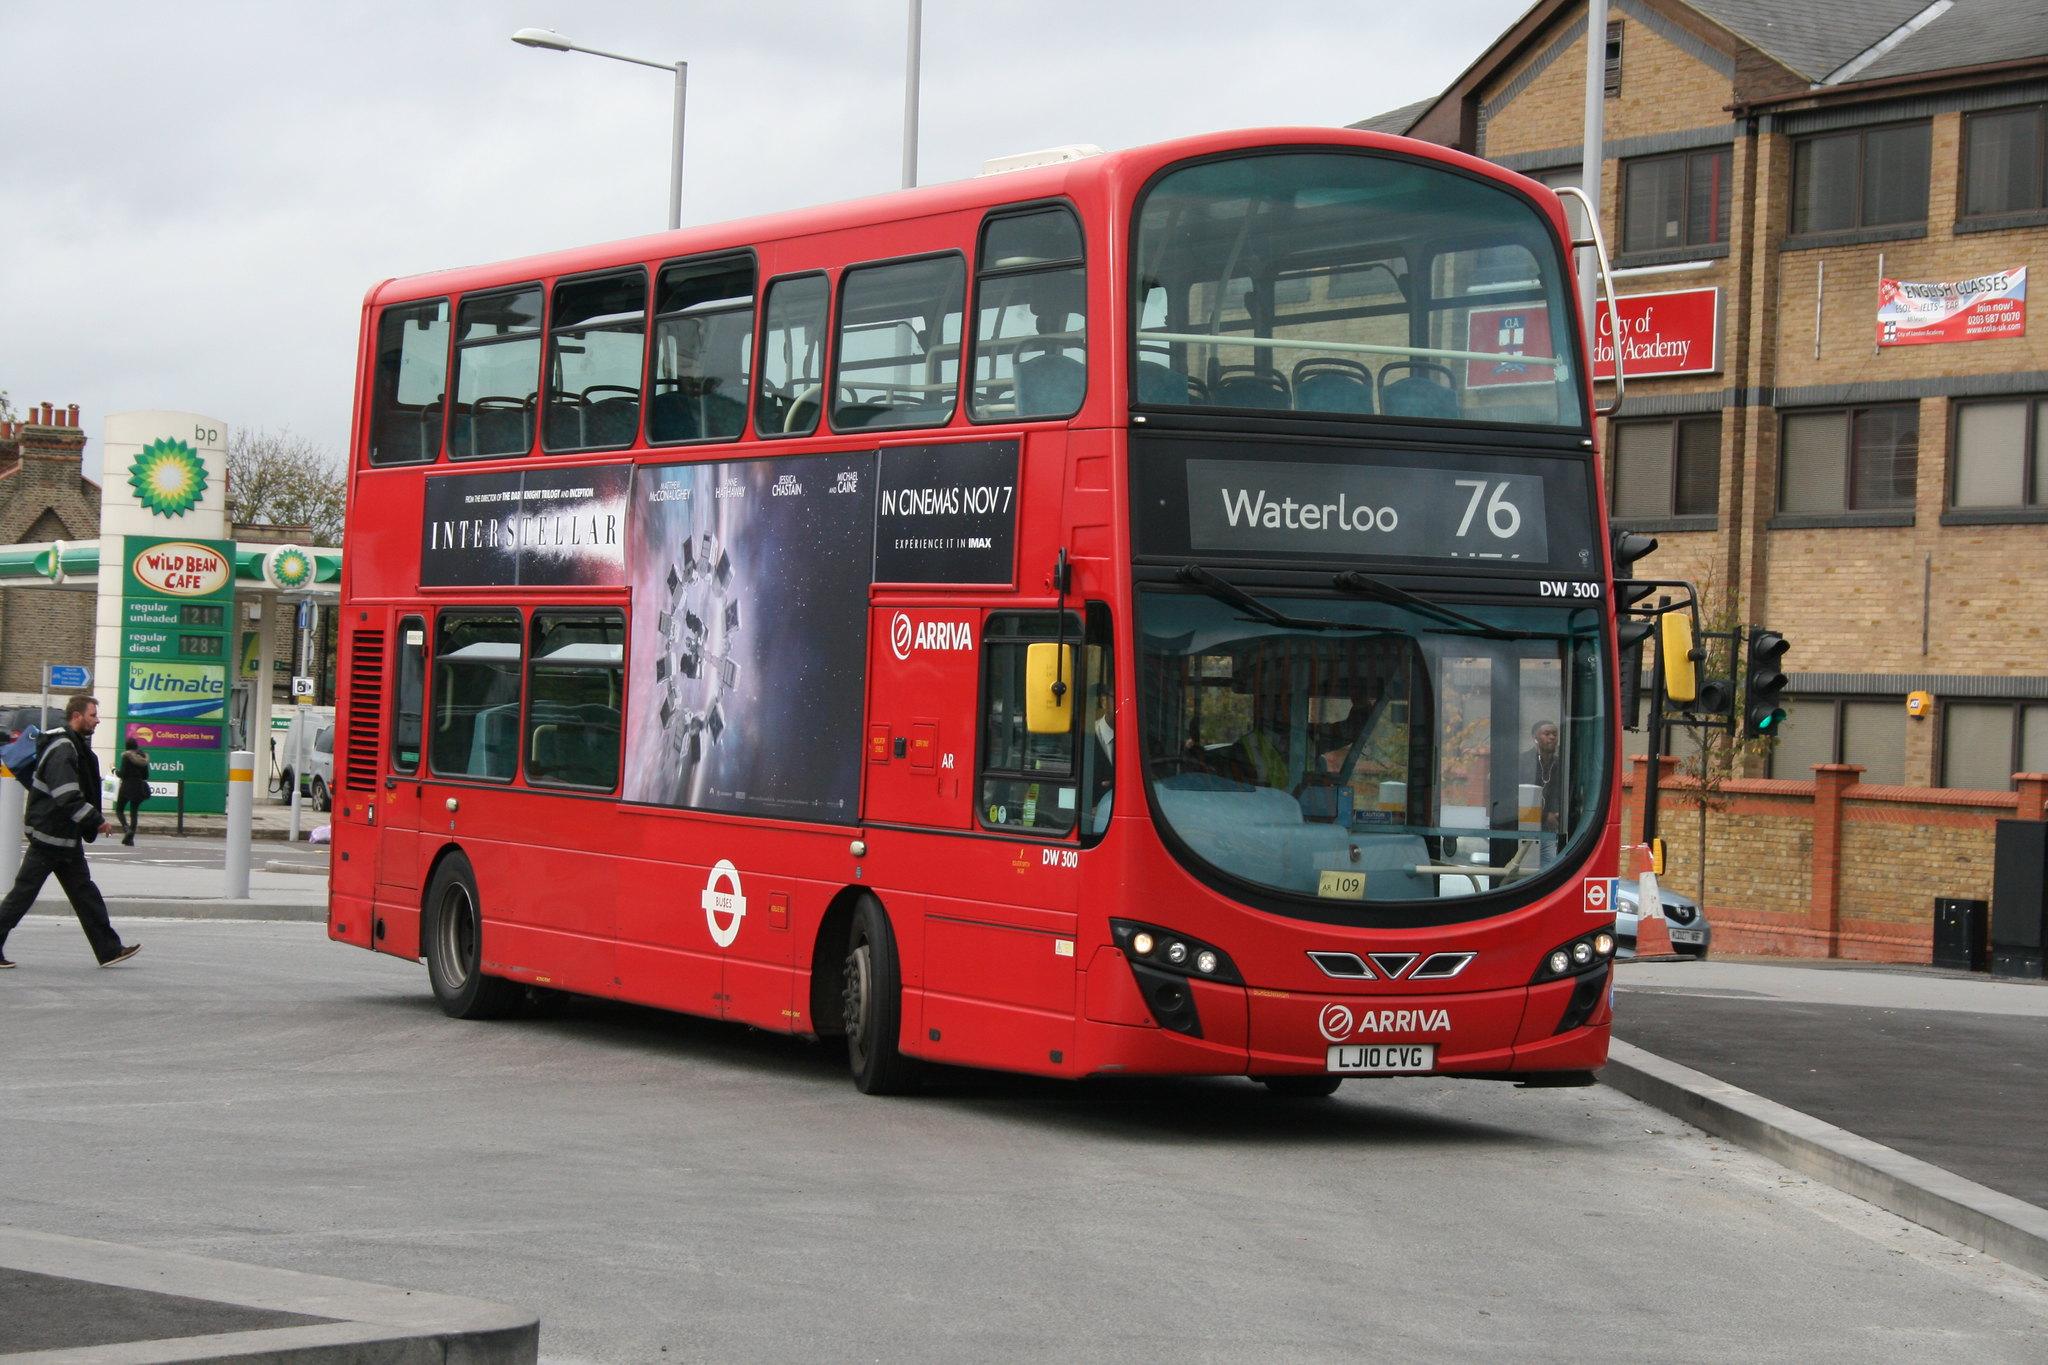 #AYearOfBuses 276: Tottenham Hale – Waterloo